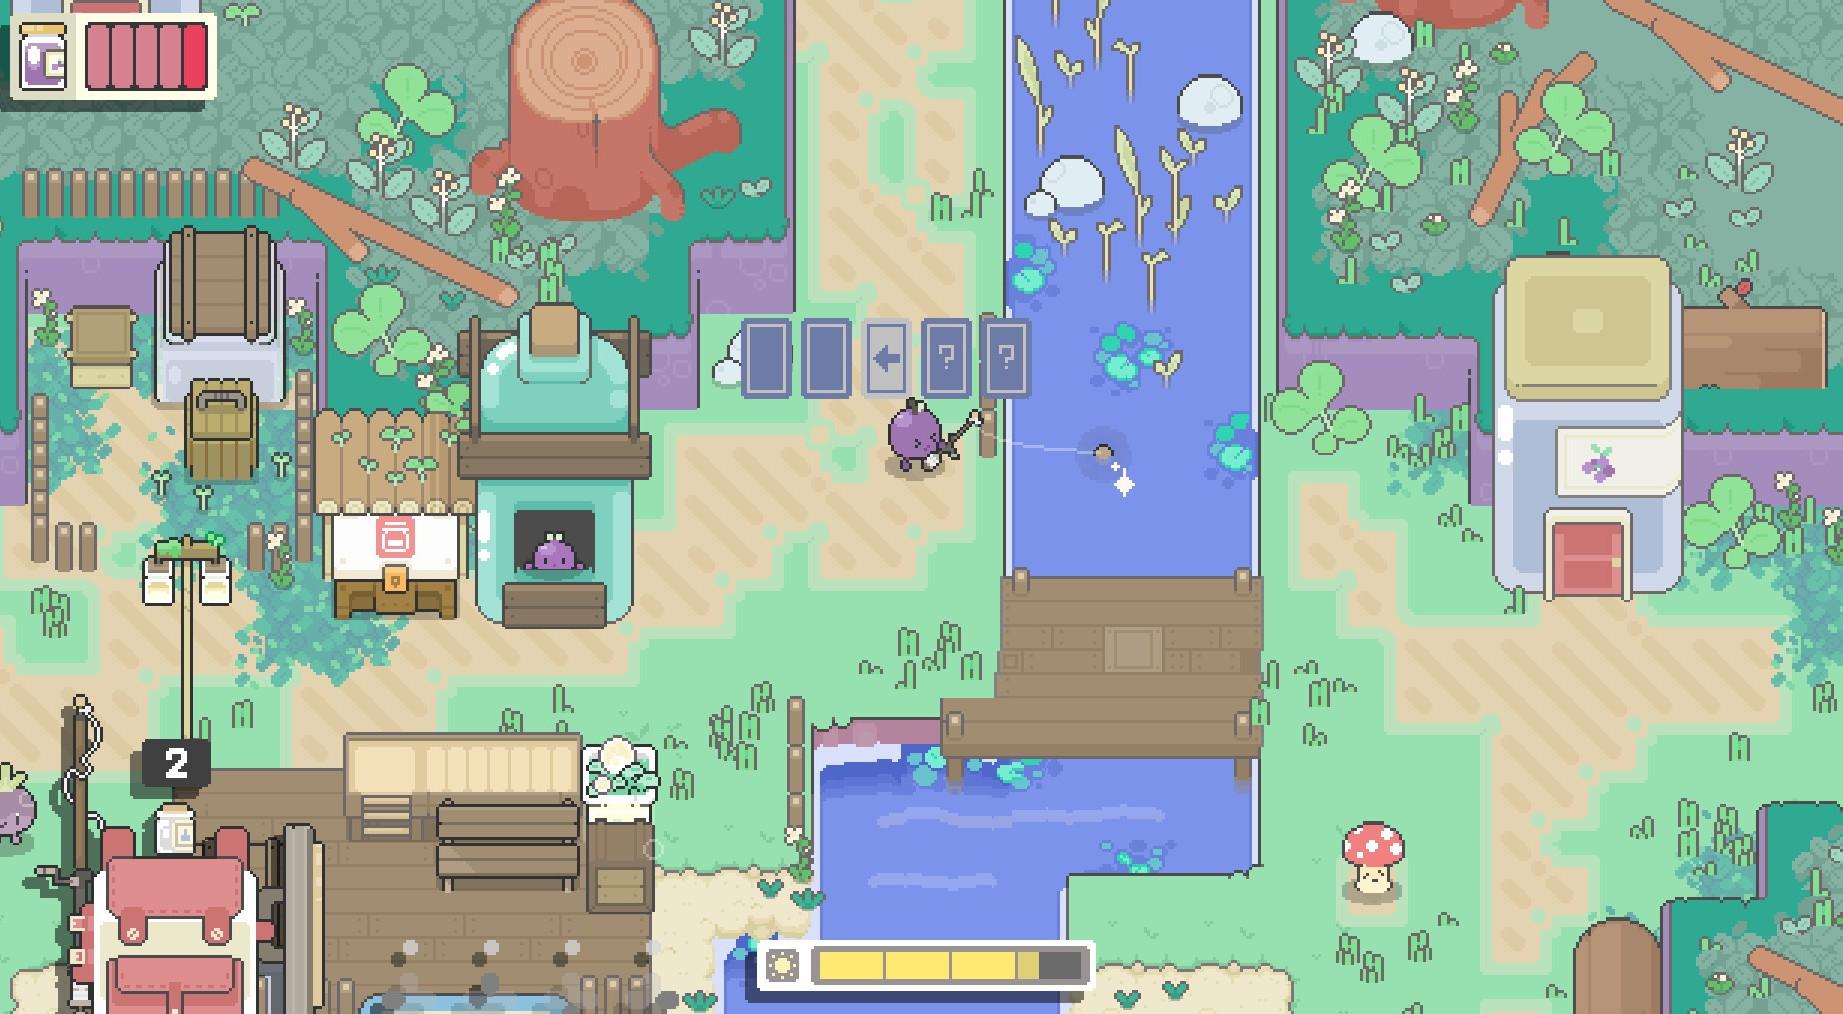 像素风RPG《Garden Story》最新预告 将于今年夏天上线